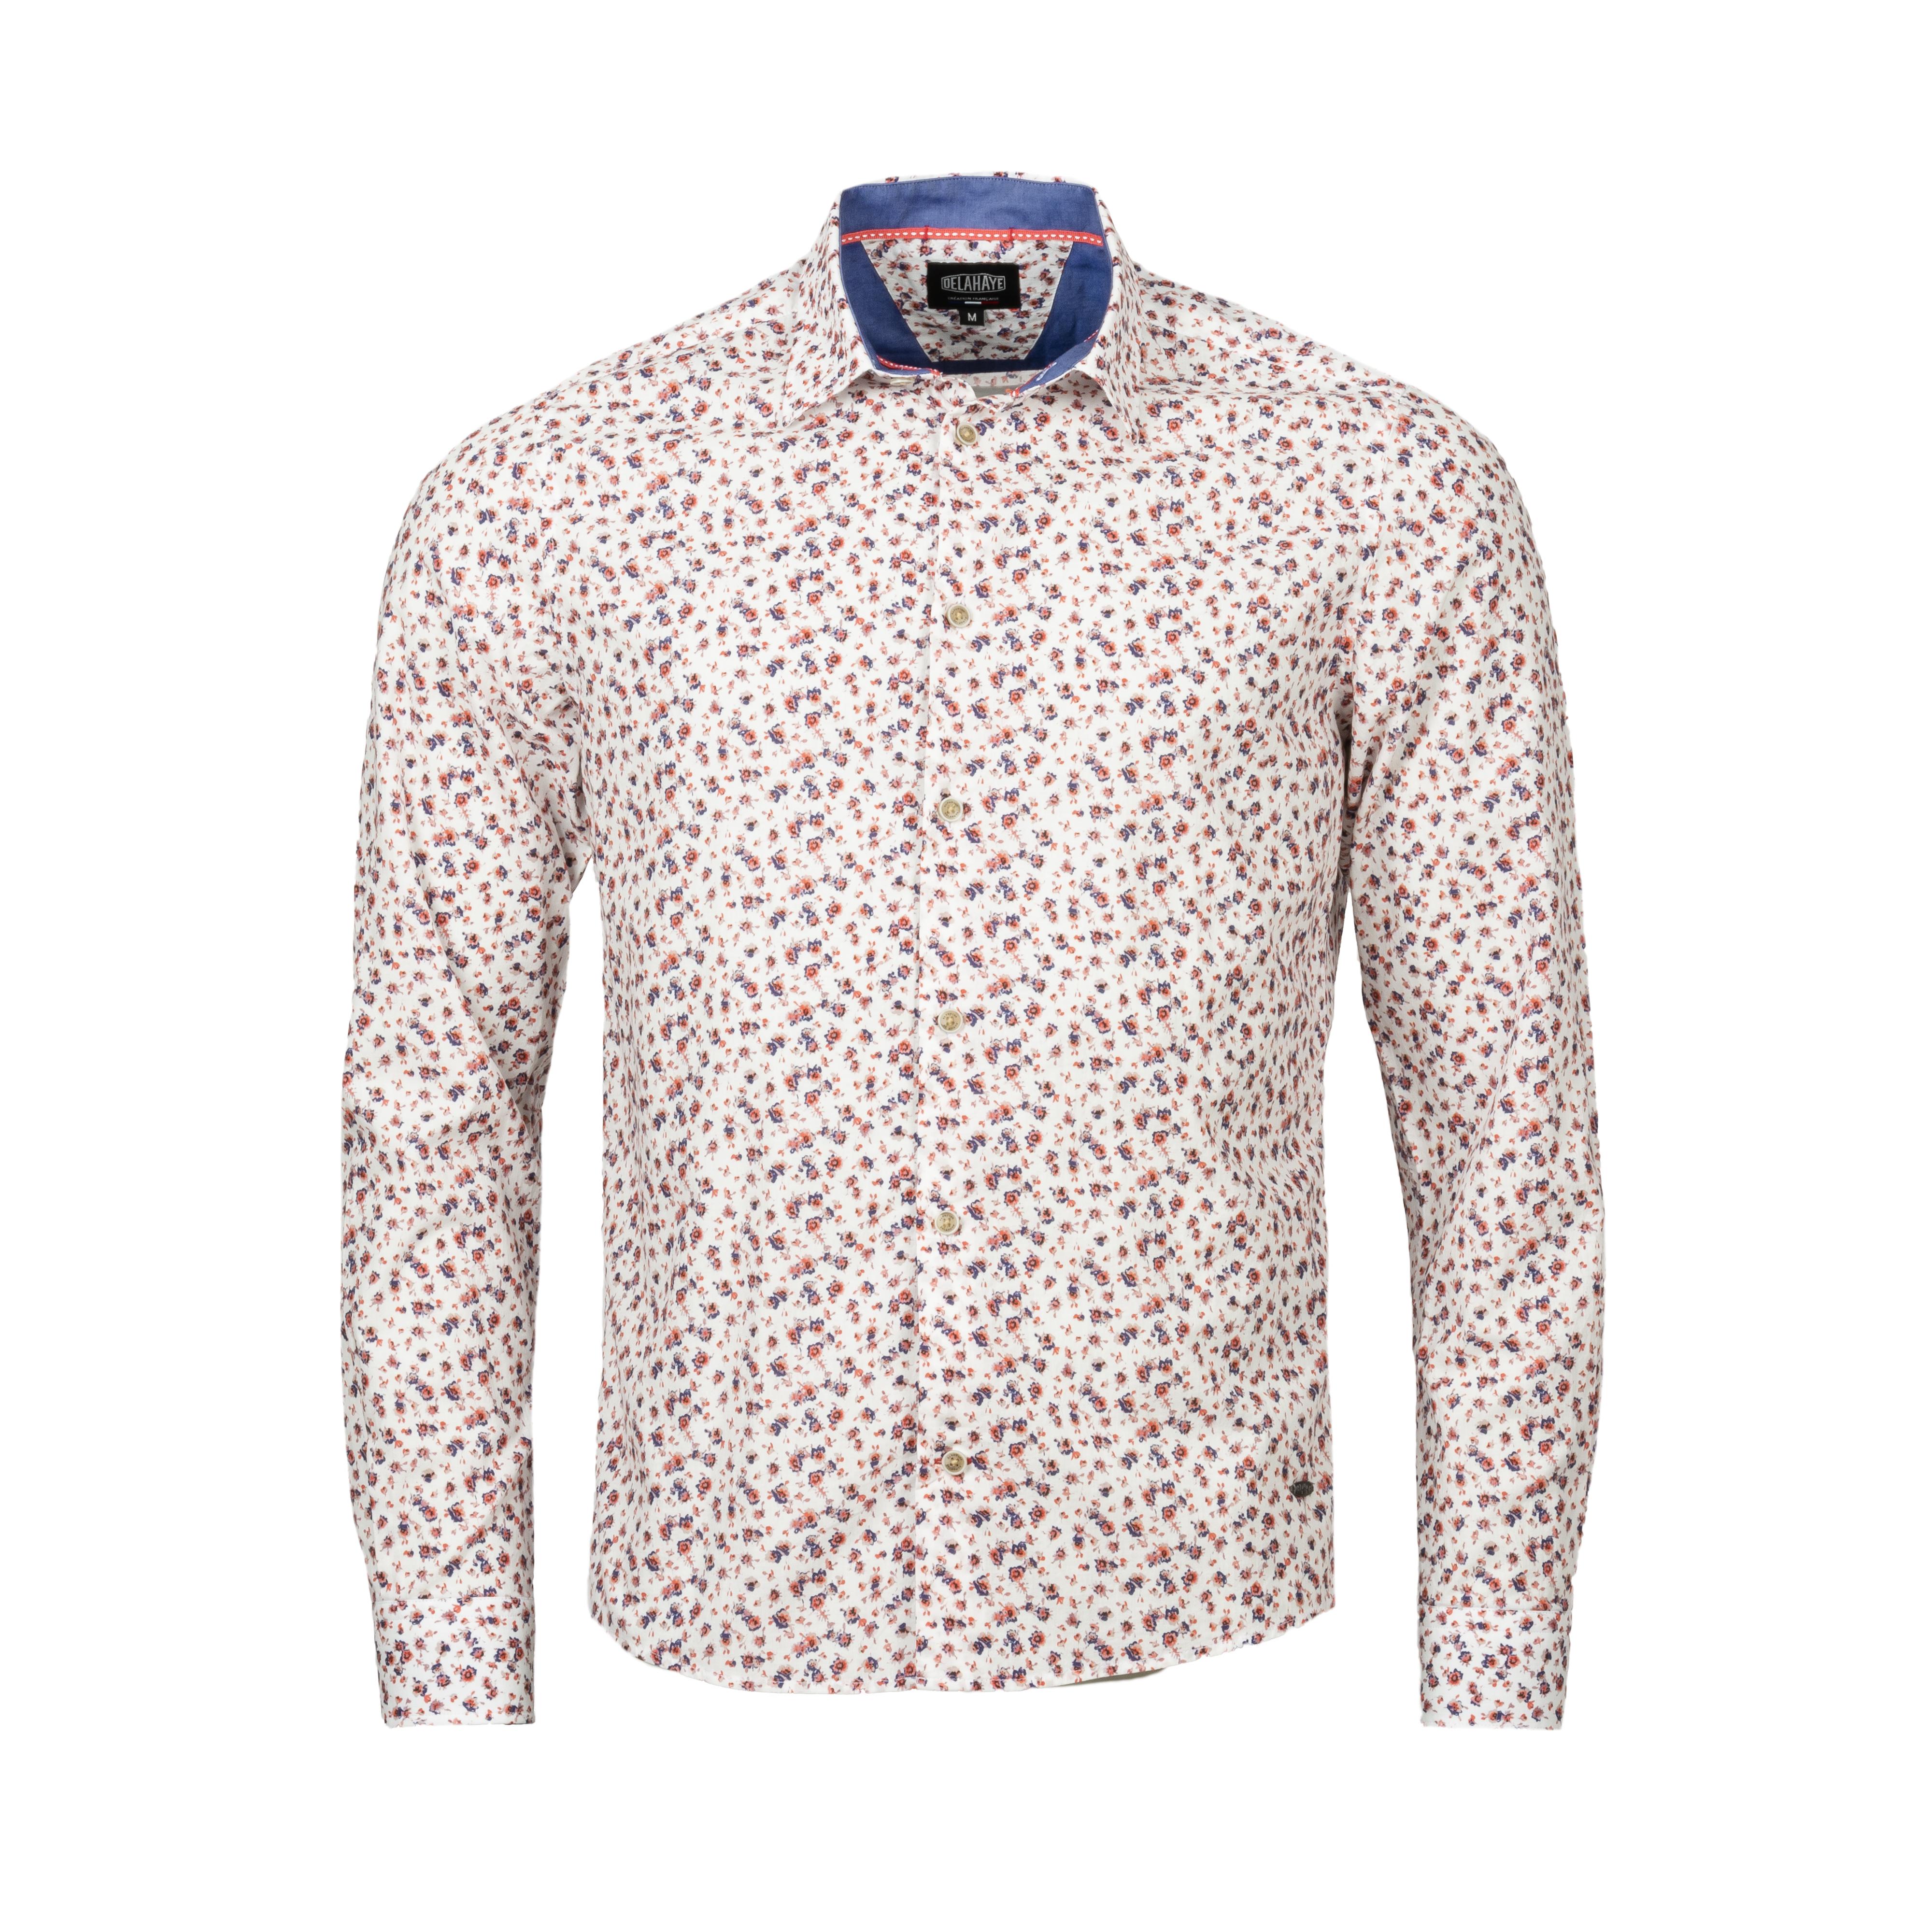 Chemise ajustée Delahaye en coton à motifs fleuris roses